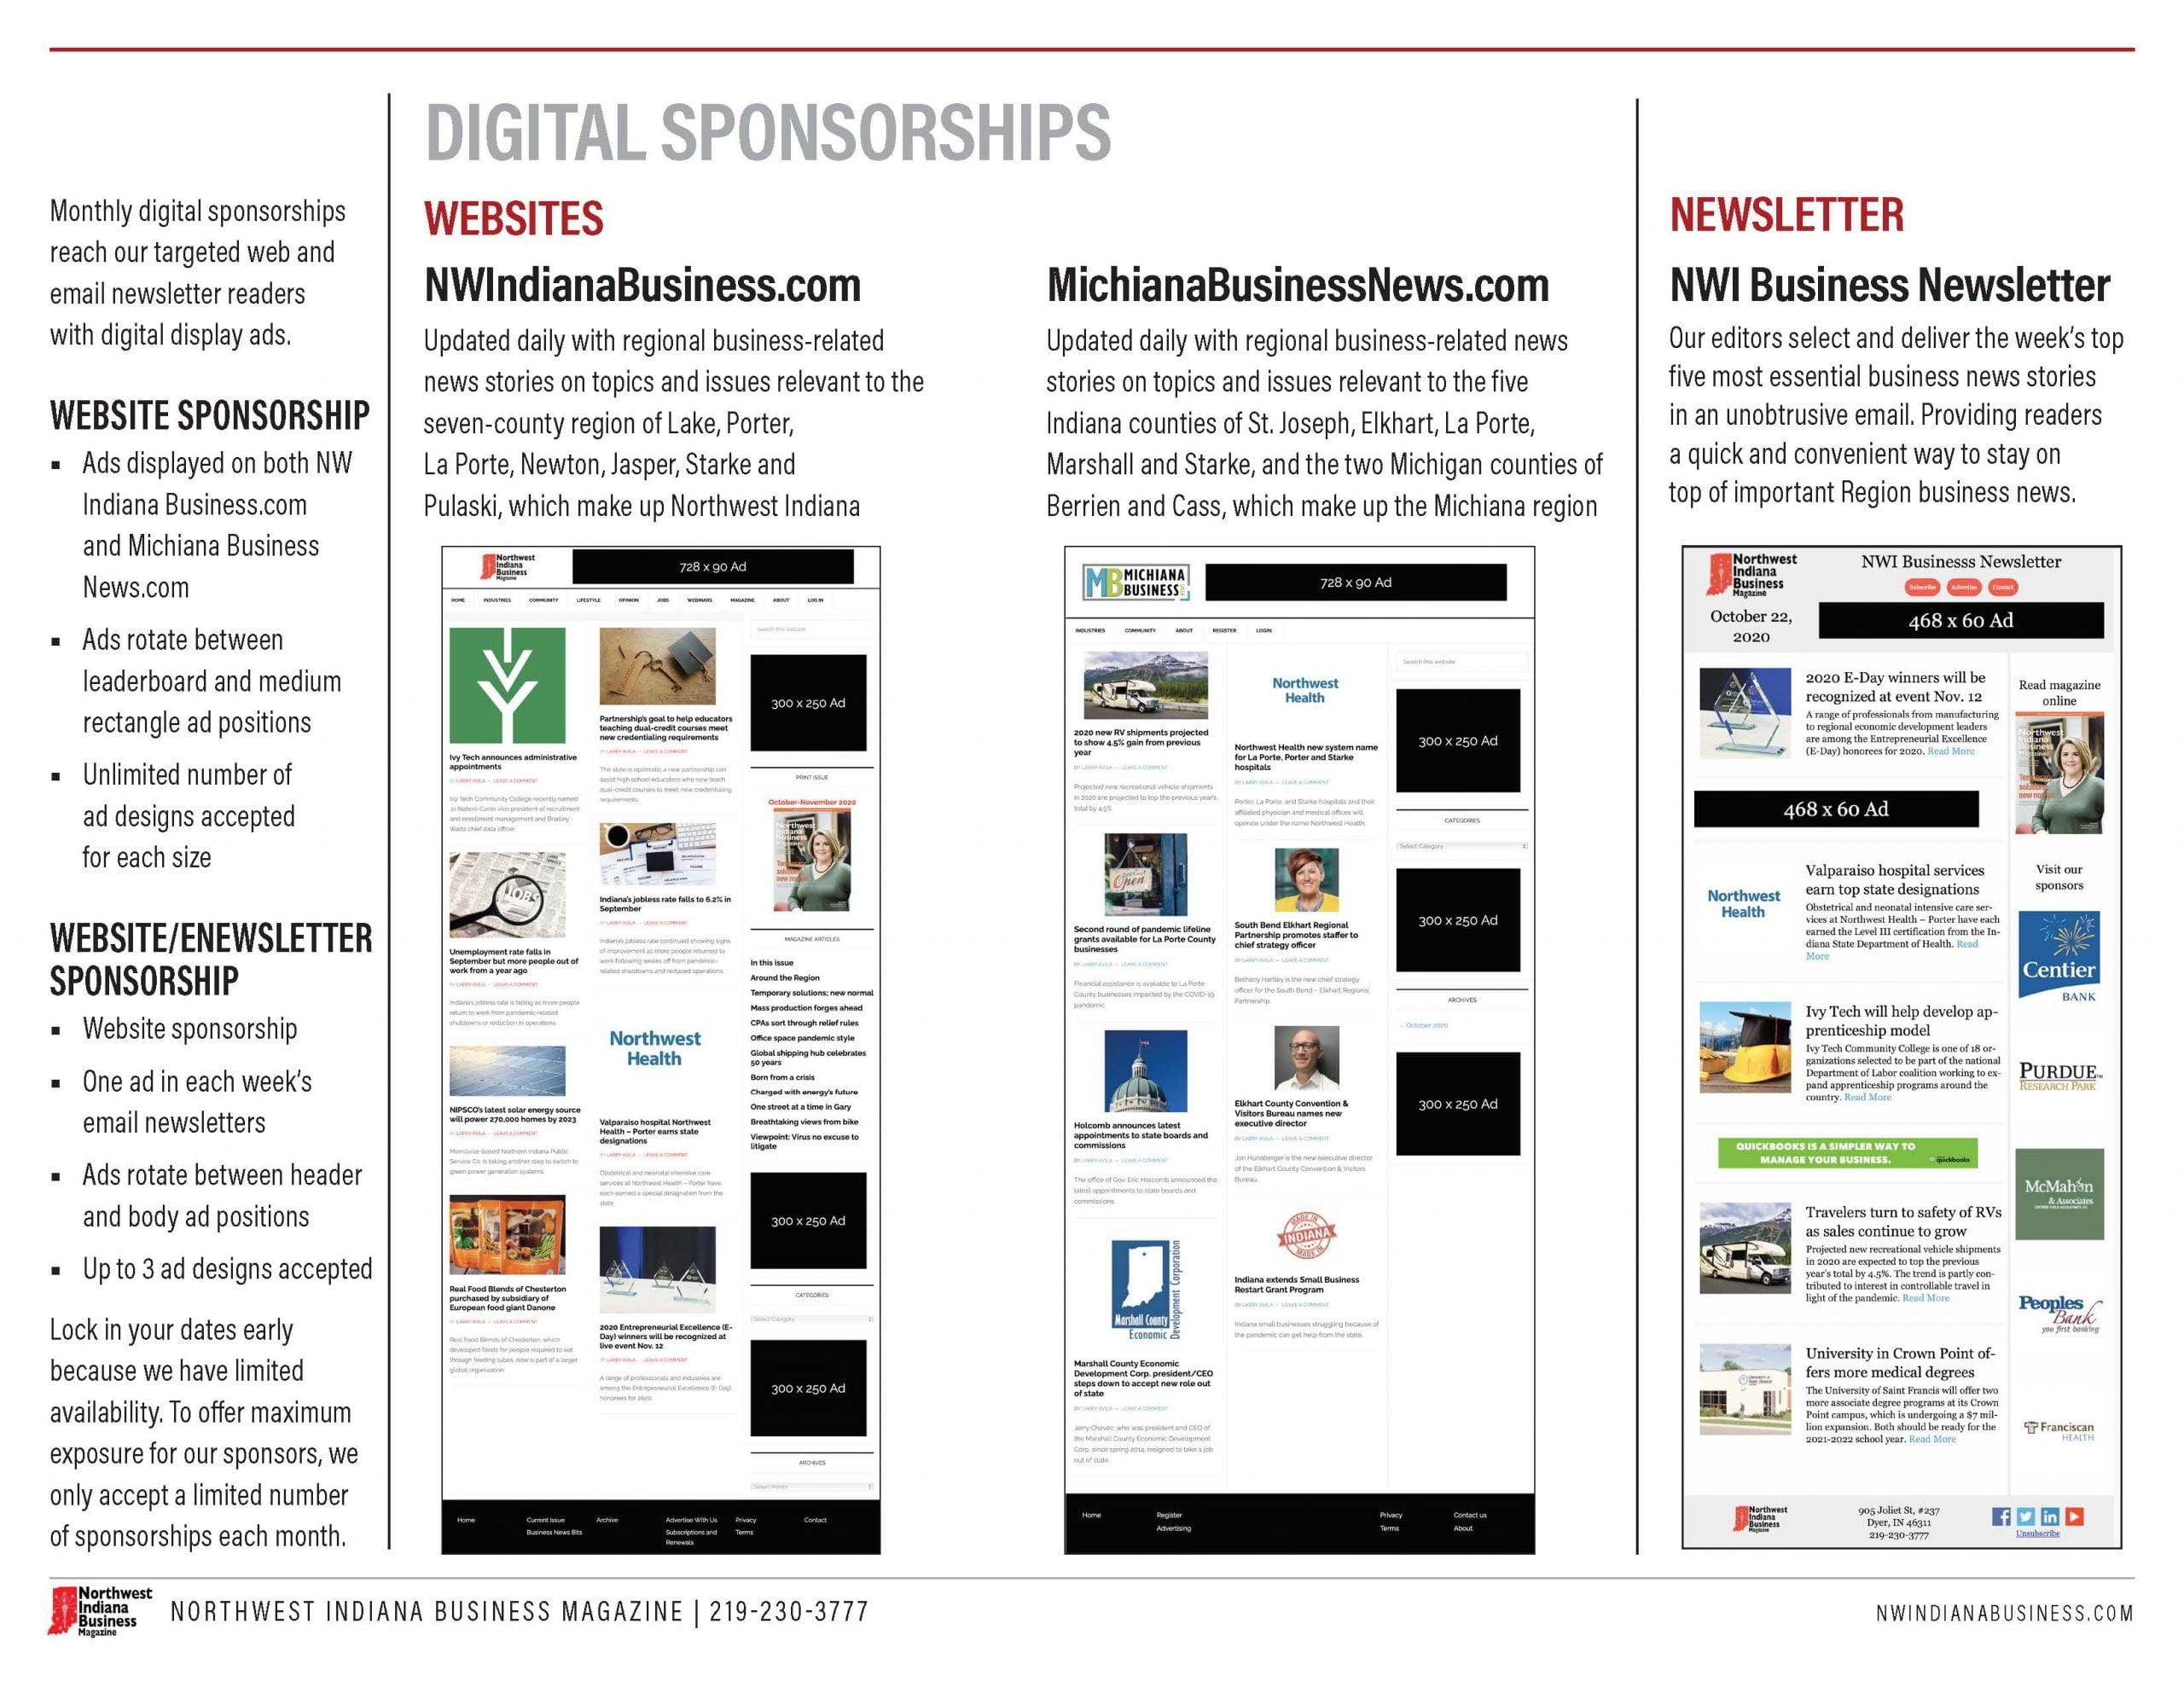 Northwest Indiana Business Magazine 2021 Digital Sponsorships